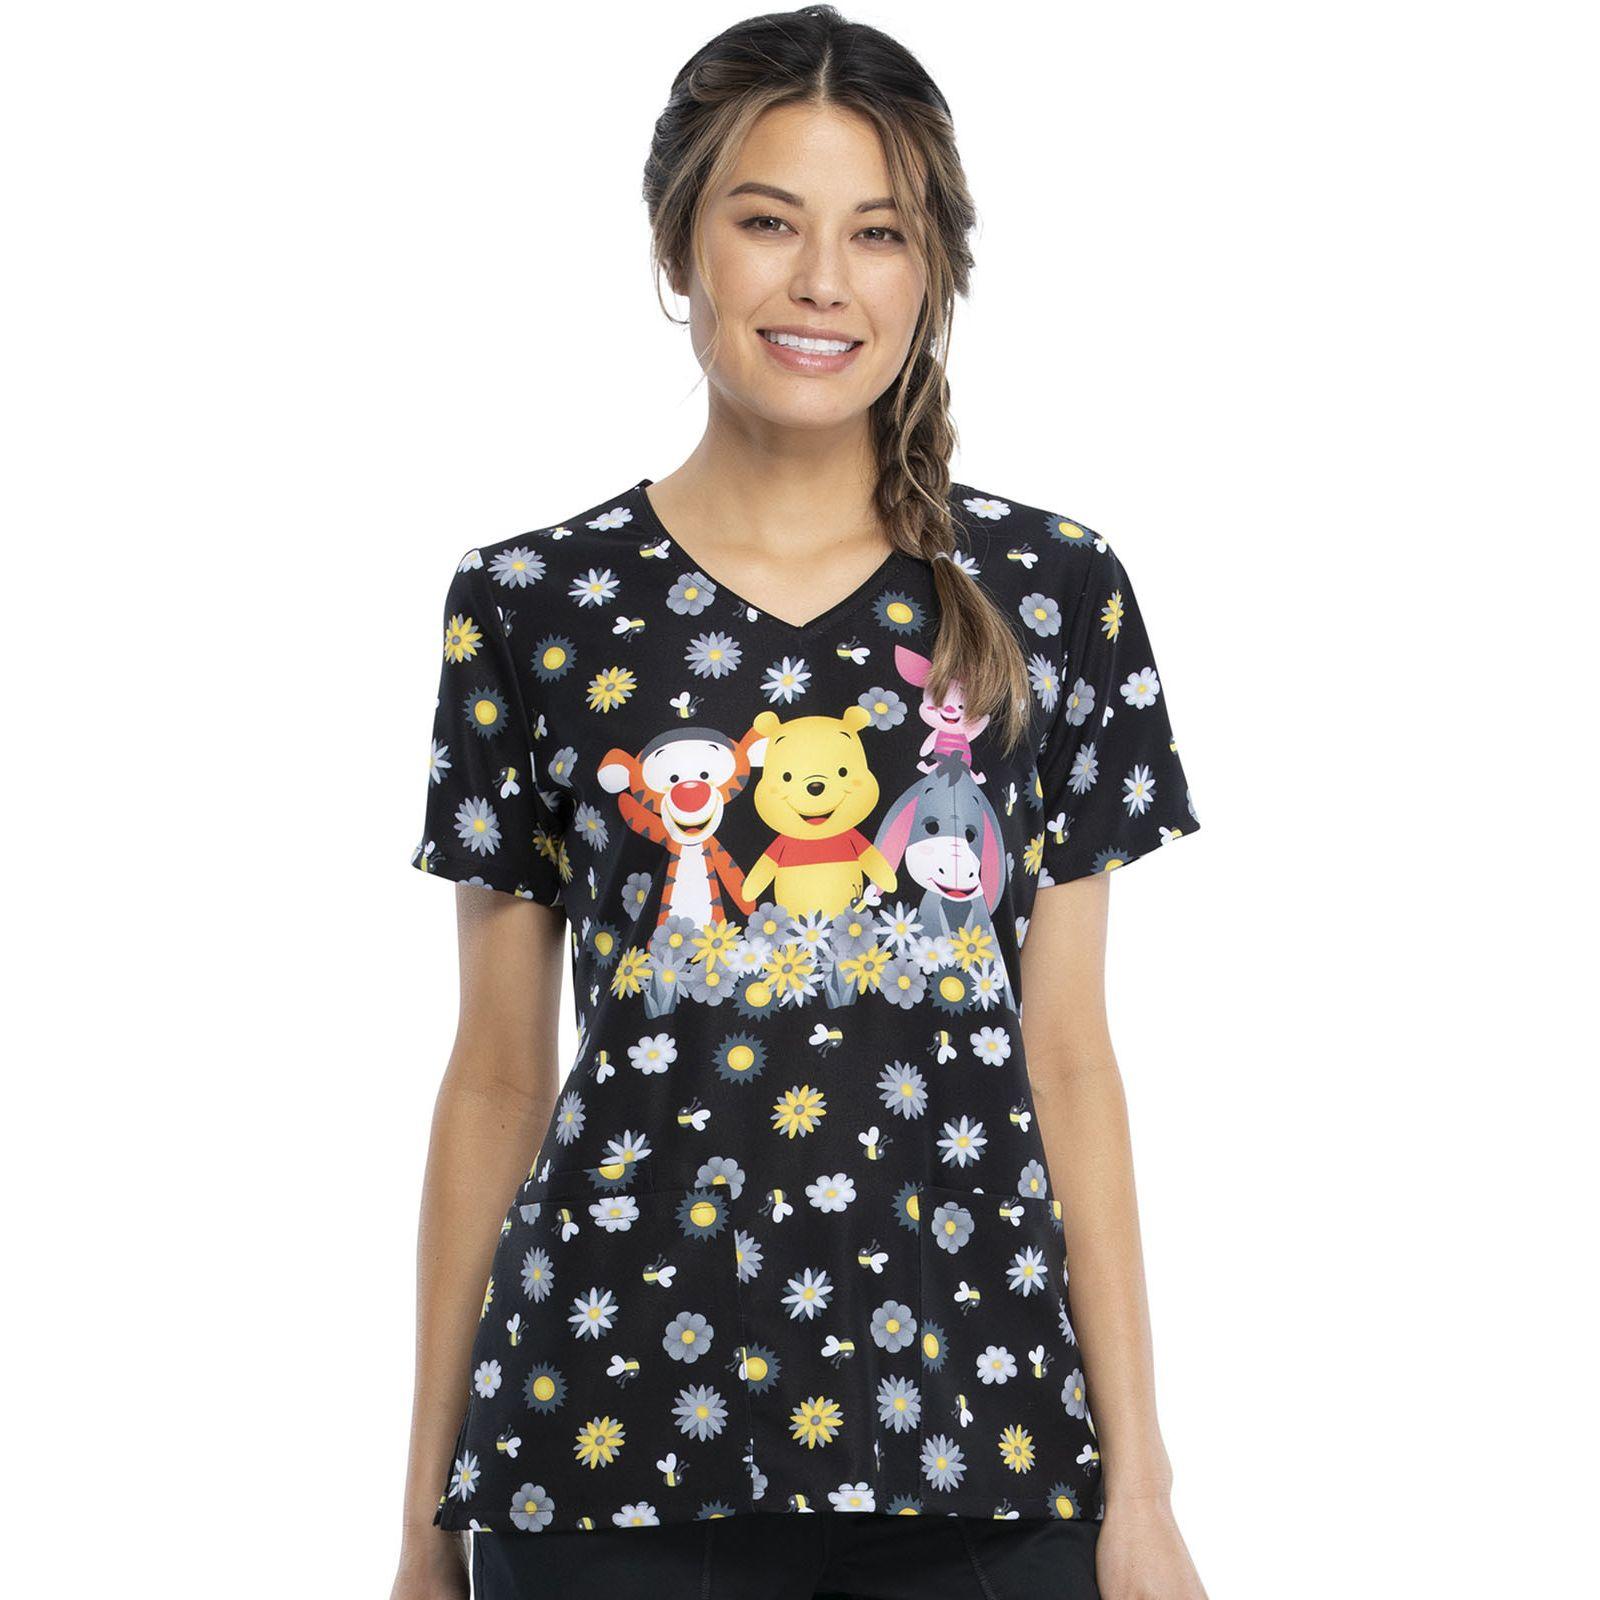 """Blouse médicale originale Femme """"Winnie l'Ourson"""", Collection Tooniforms Disney (TF614) vue face"""